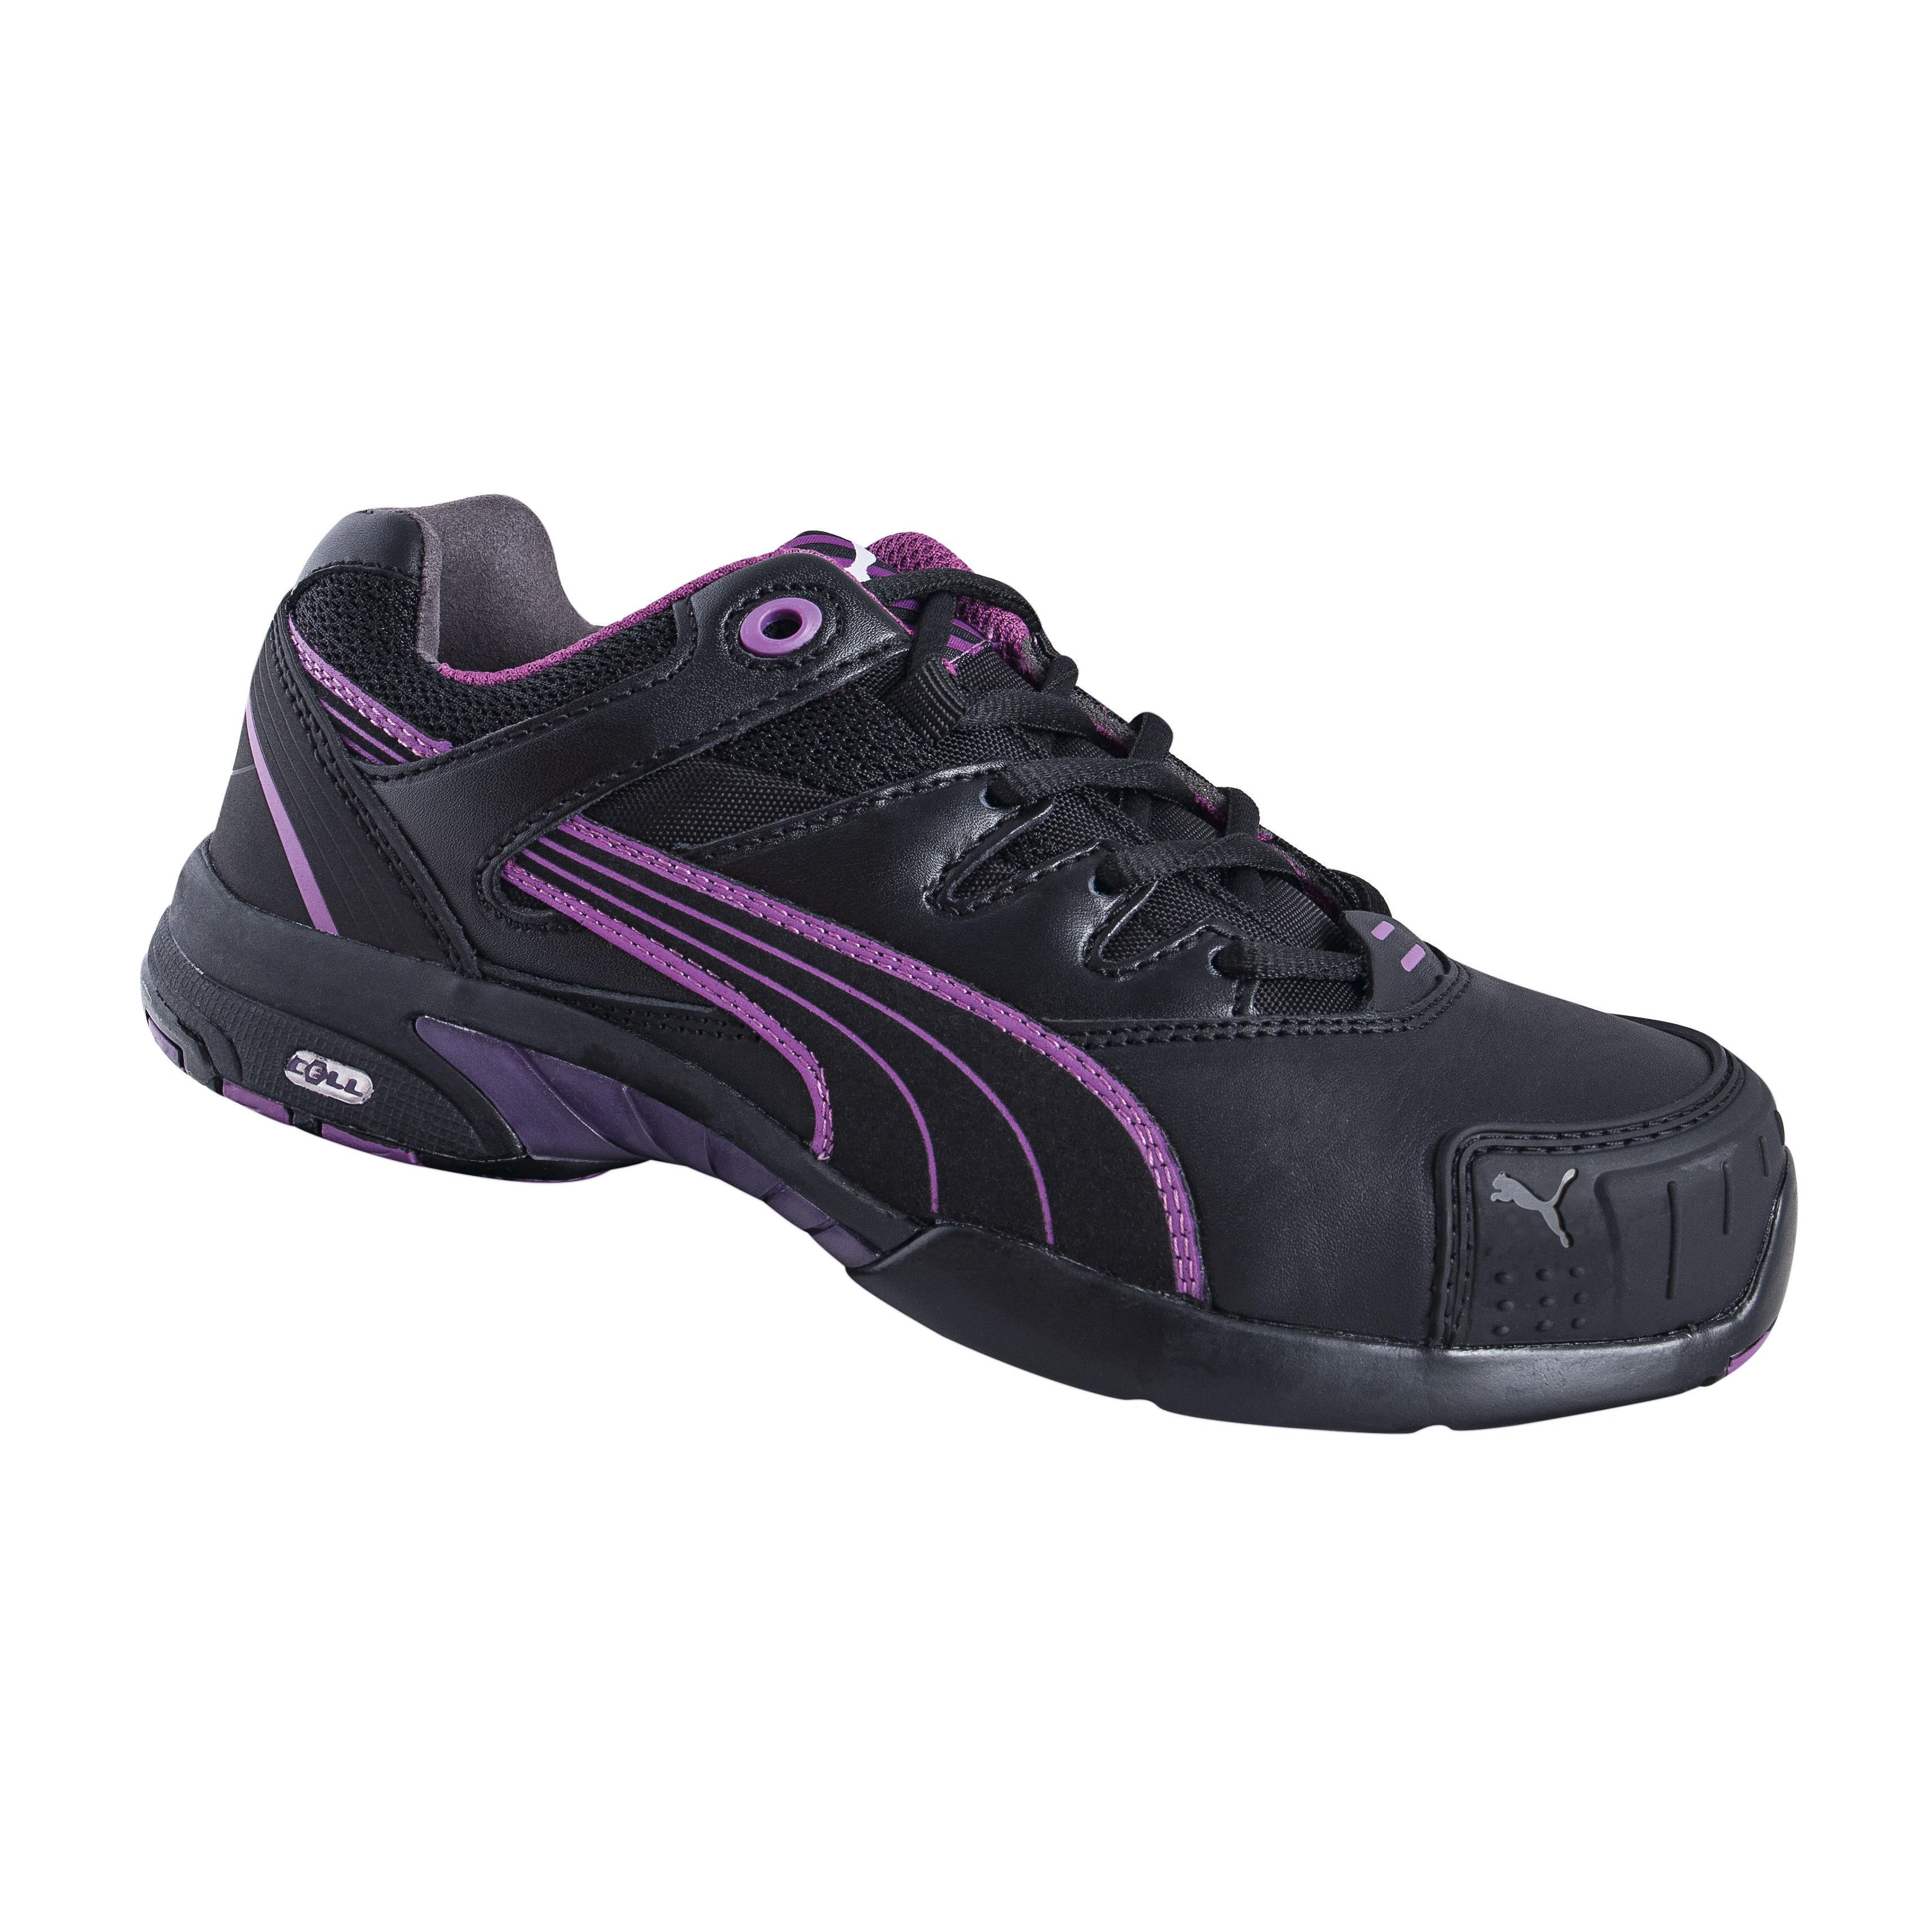 Dames De Stepper Sécurité Chaussure Puma Xiukpzo y0NnwOvm8